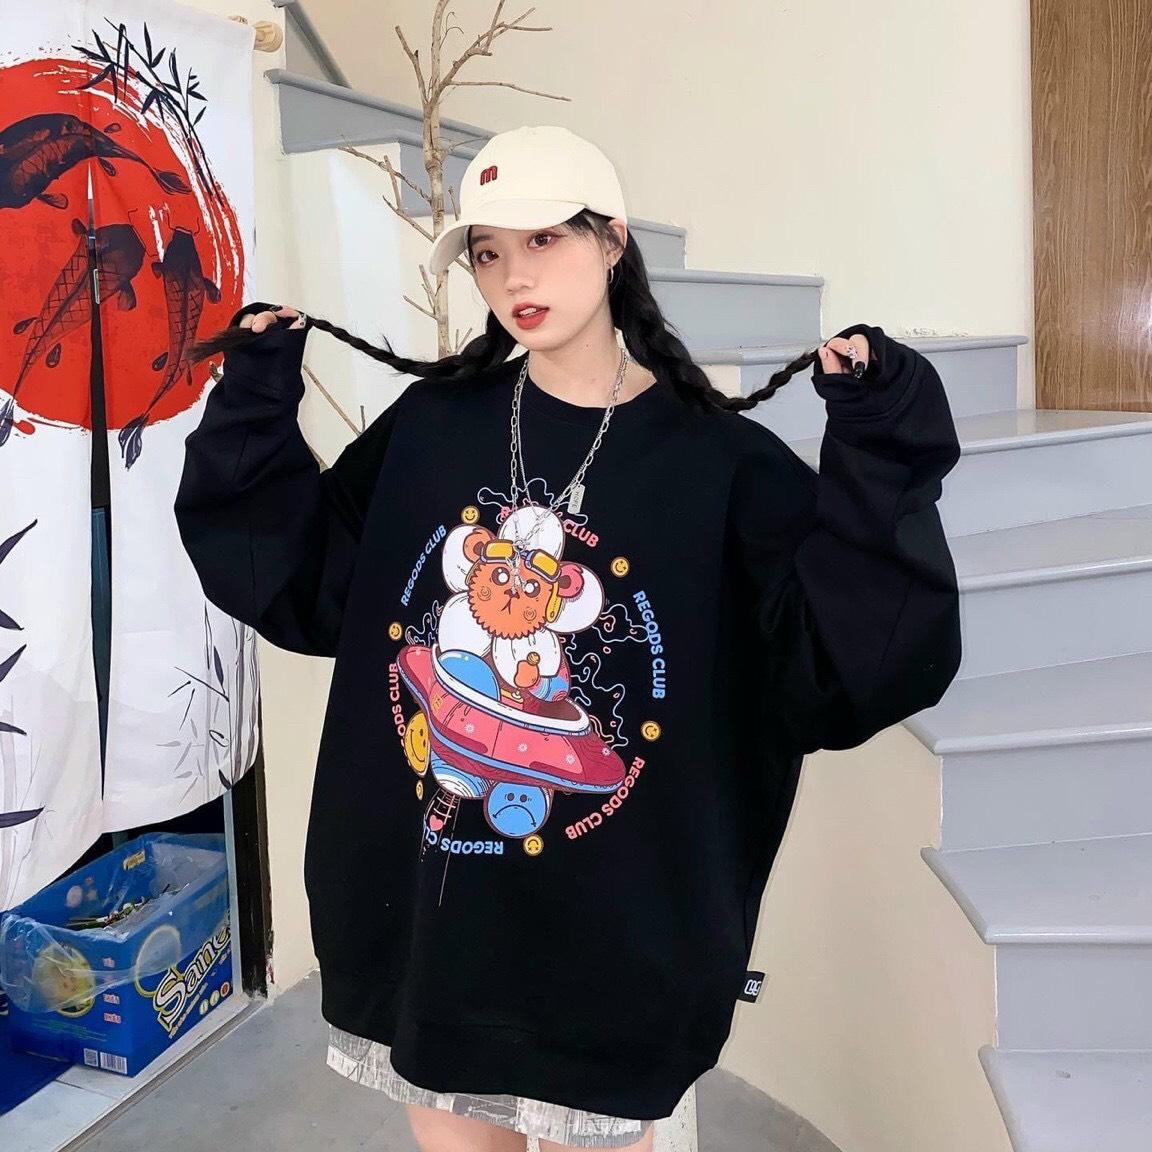 Áo sweater in đĩa bay đẹp, dễ thương